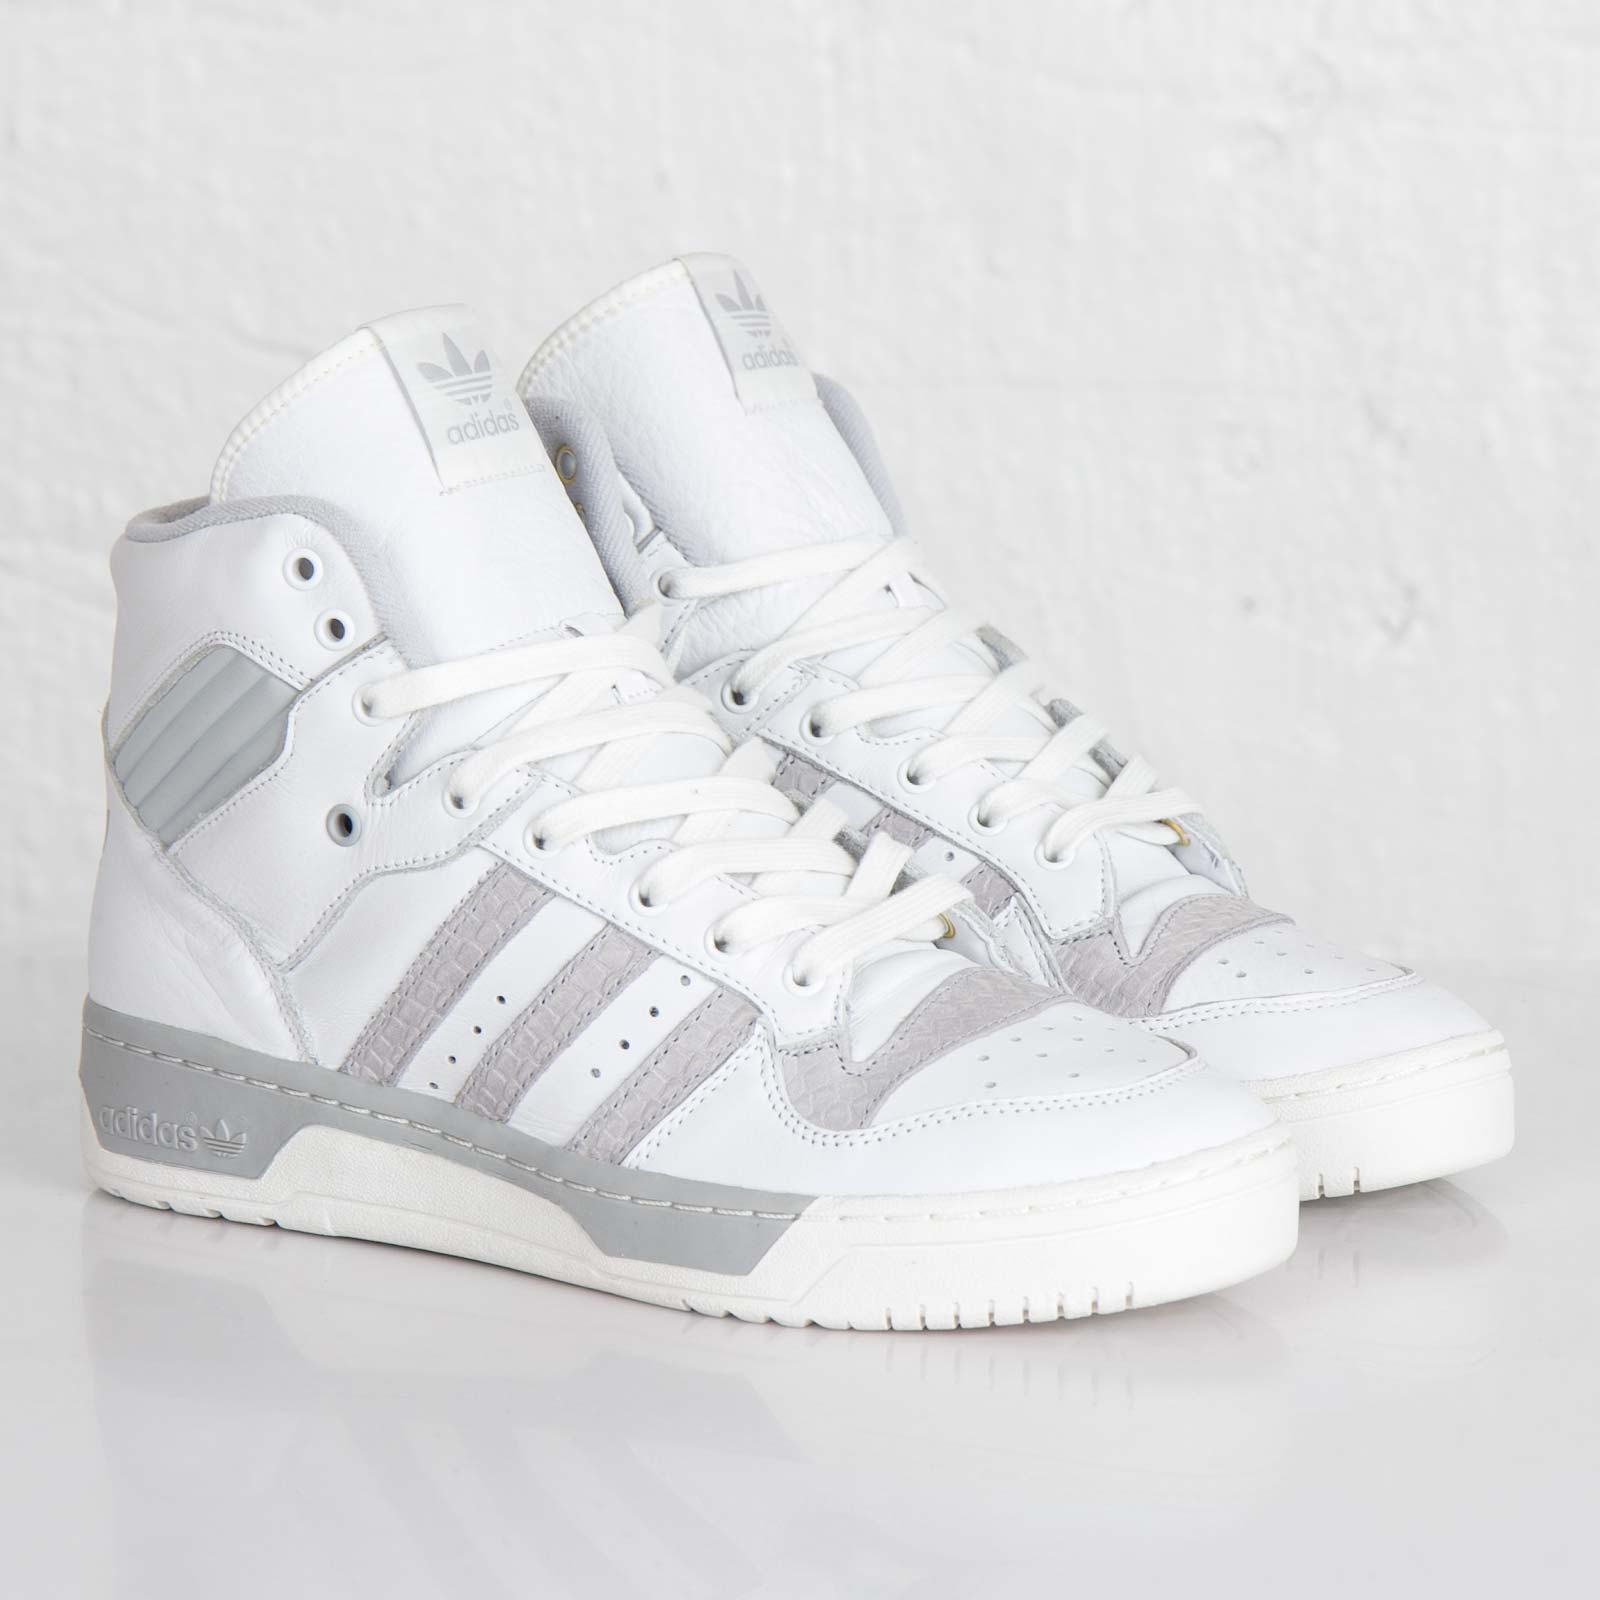 adidas Rivalry Hi Sneakerqueen F33022 Sneakersnstuff